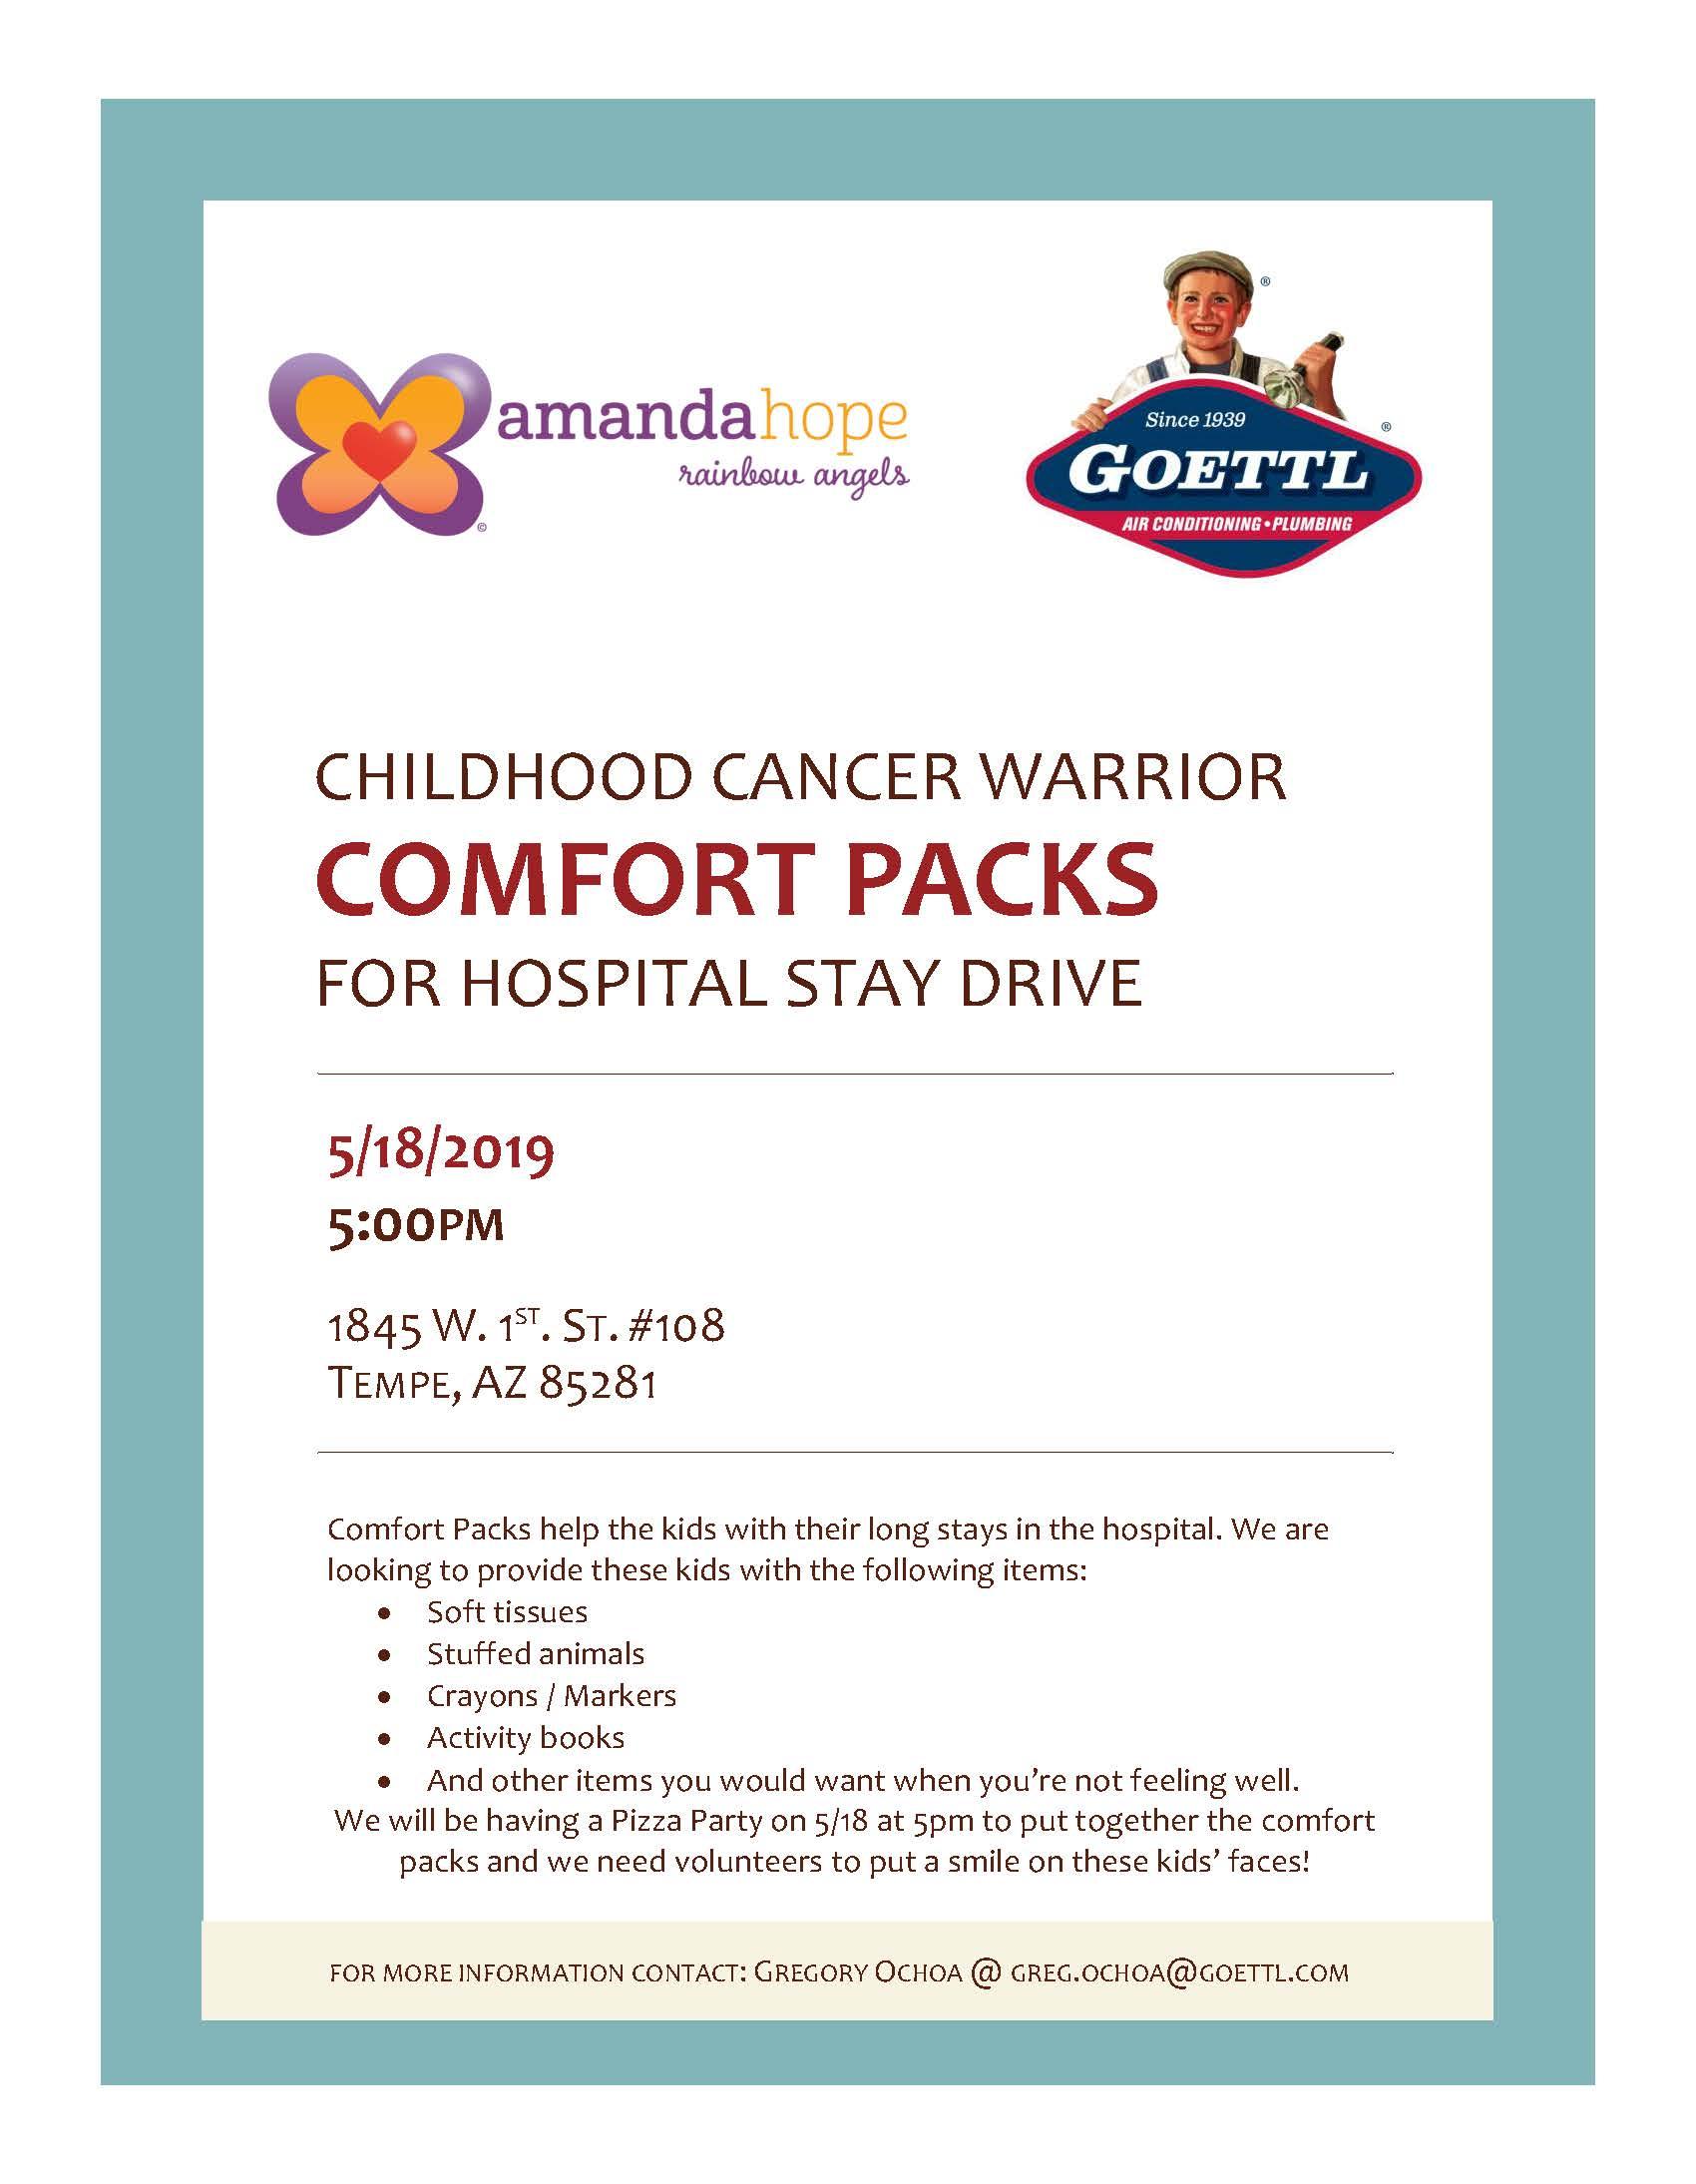 amanda hope charity drive.jpg